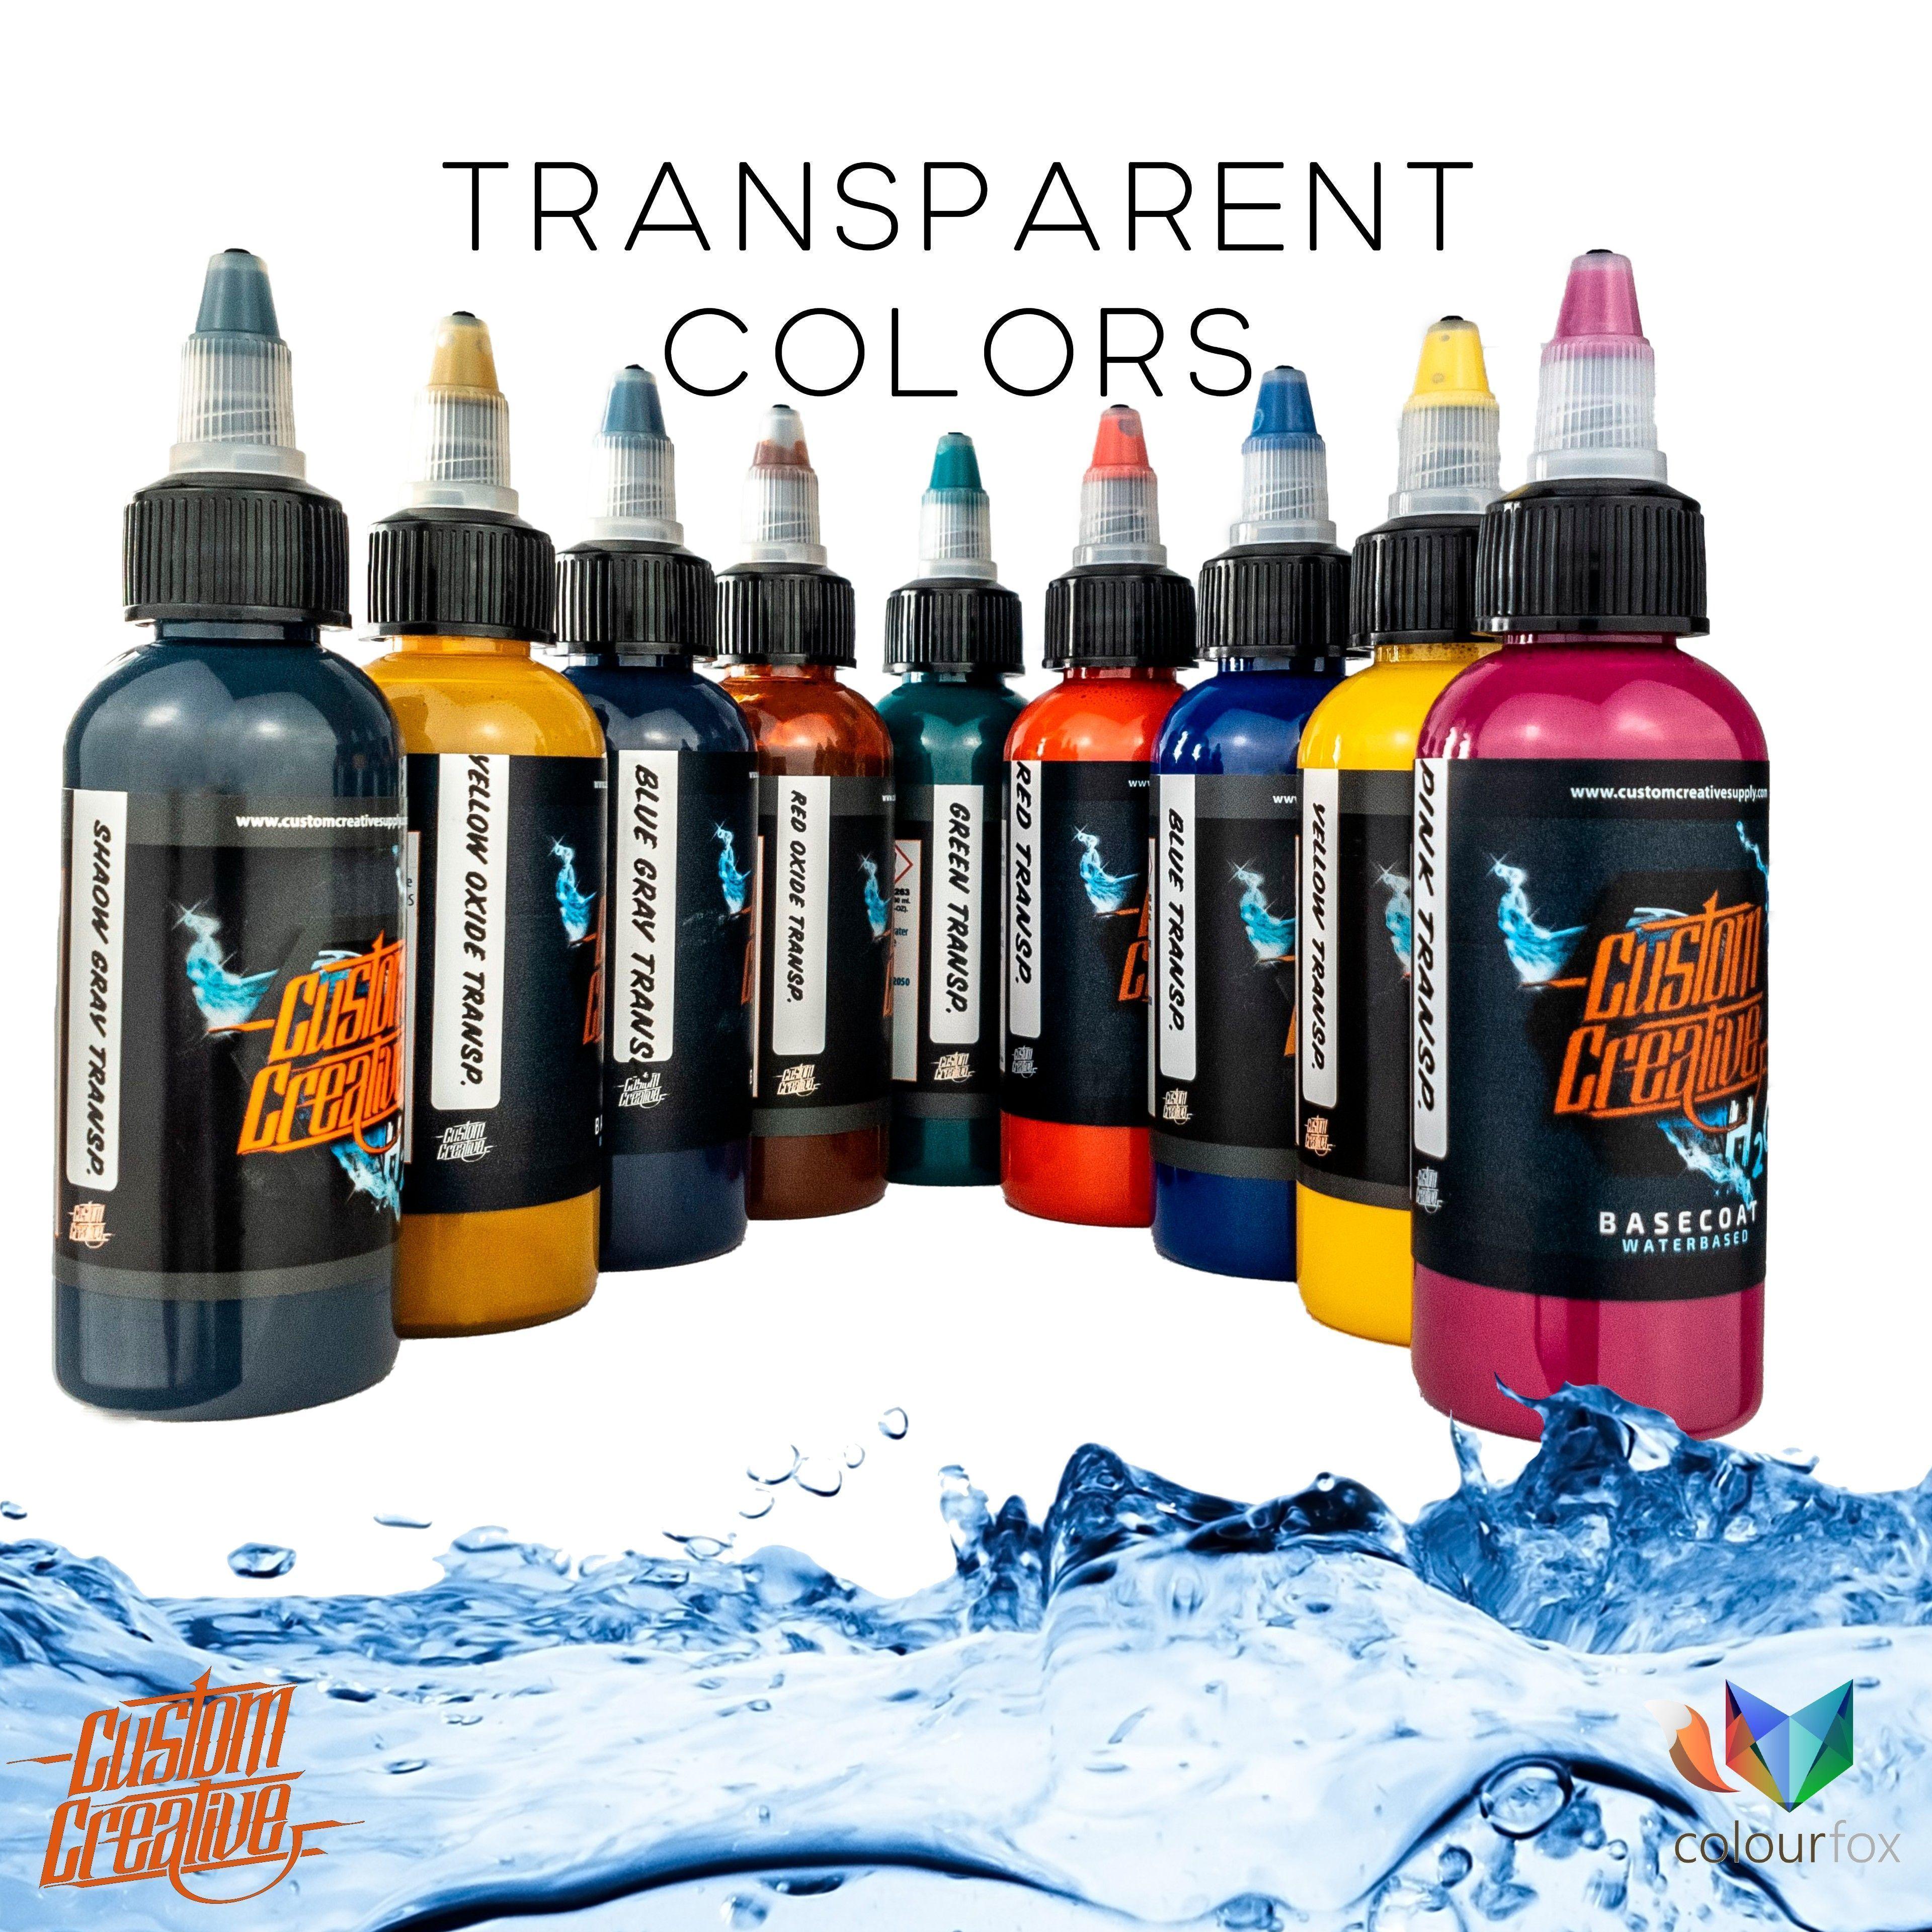 Transparent Colors - Custom Creative en Colourfox Paints